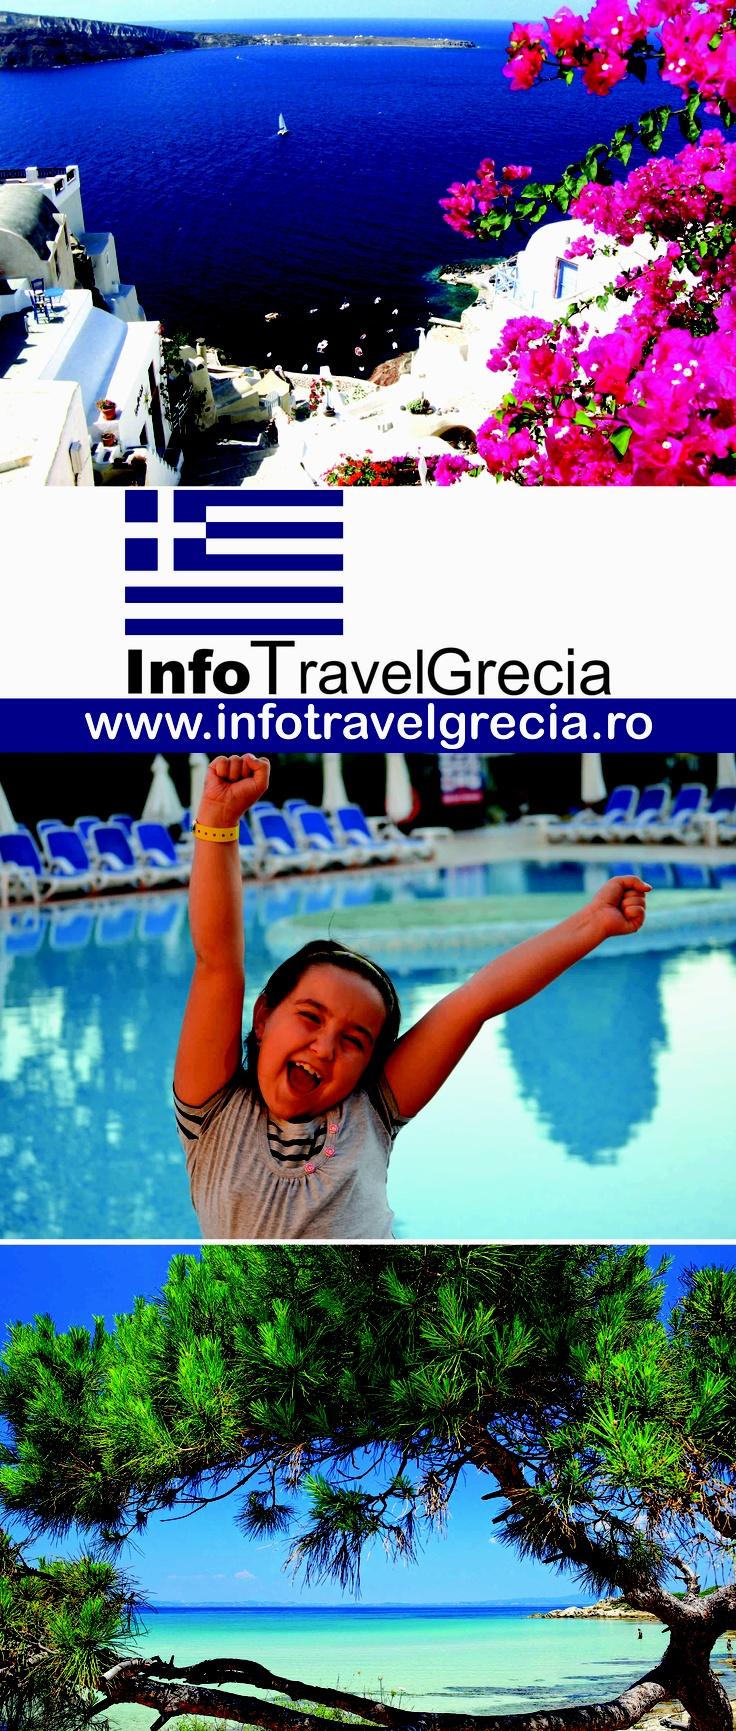 afis InfoTravelGrecia